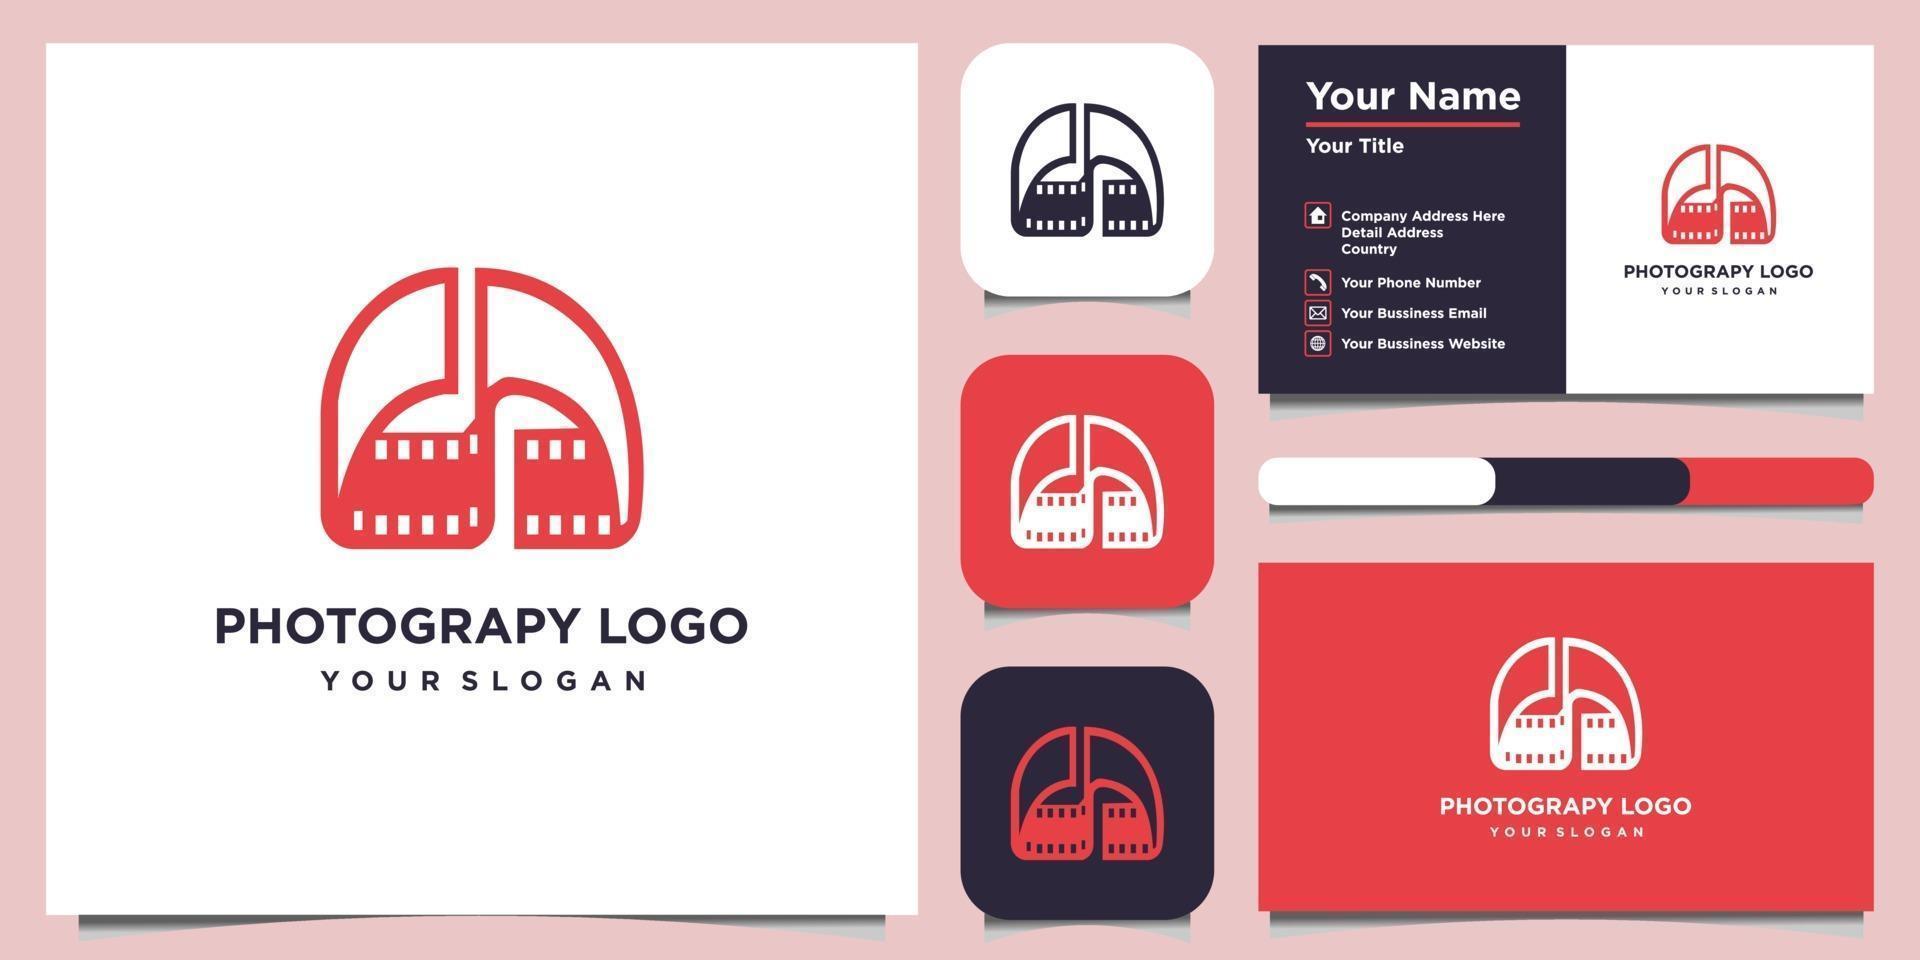 modèles de conception de logo photograpy combinés lettre d et carte de visite vecteur